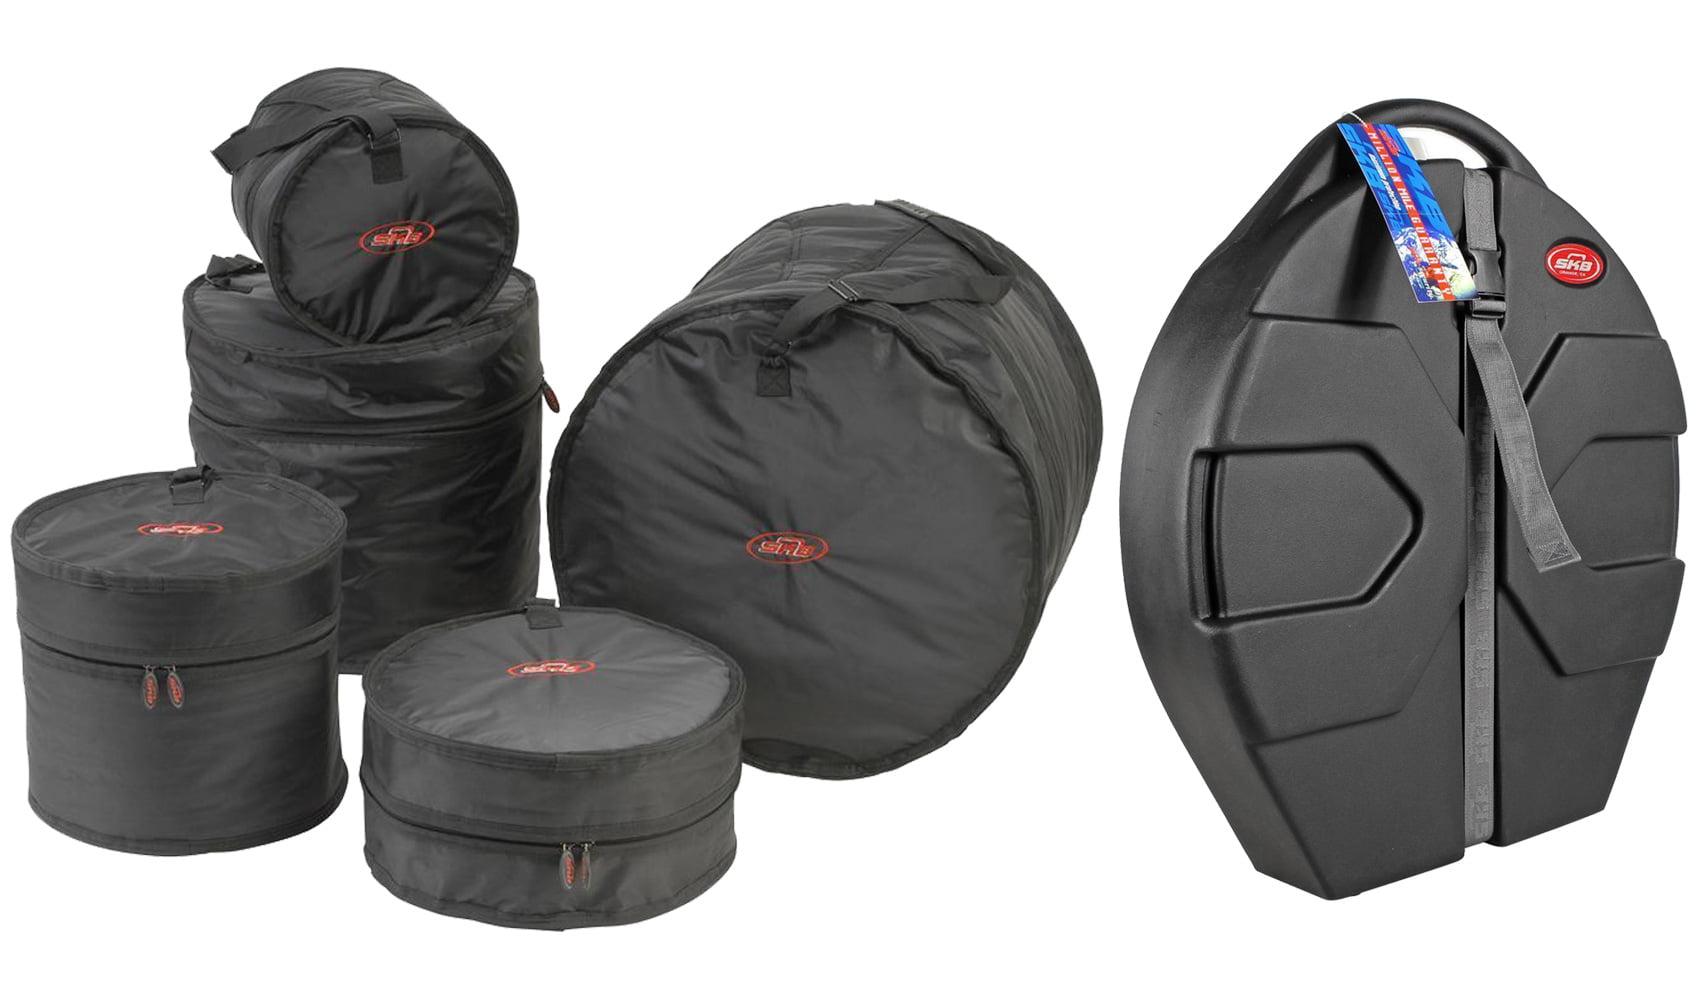 """SKB 1SKB-DBS1 5-Piece Drum Soft Bag Travel Cases+ SKB 22"""" Cymbal Vault Hard Case by SKB"""